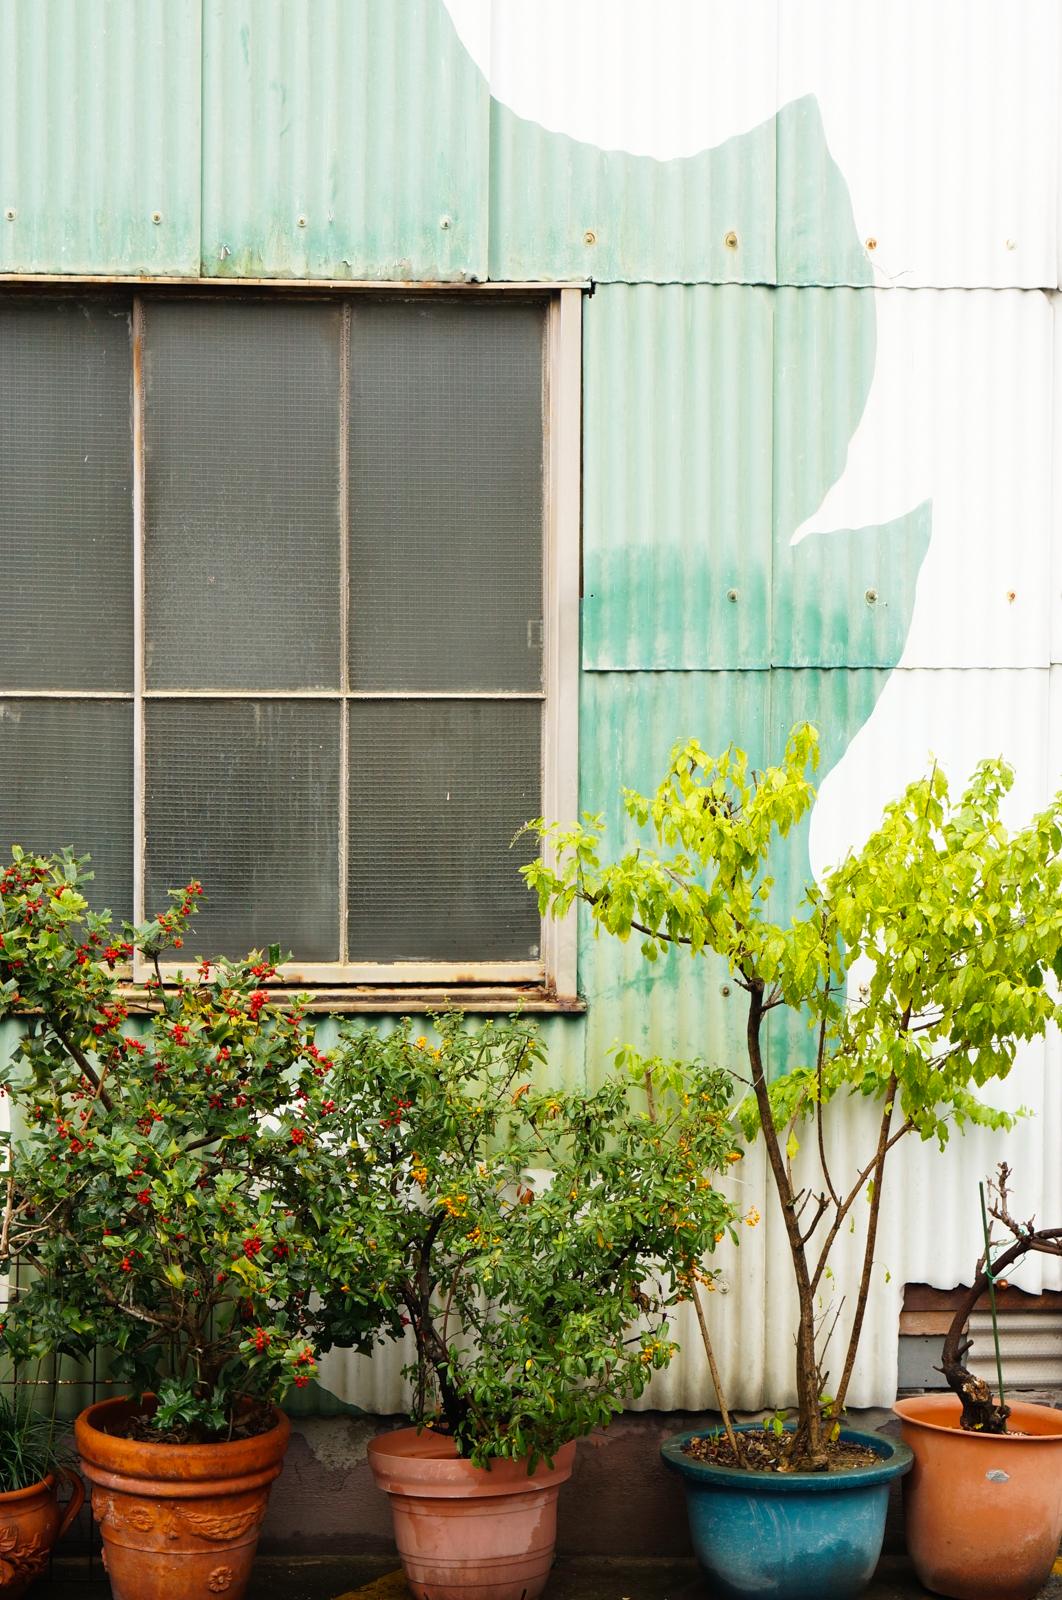 osaka, green osaka, osaka vert, osaka authentique, osaka village, voyage japon, japon